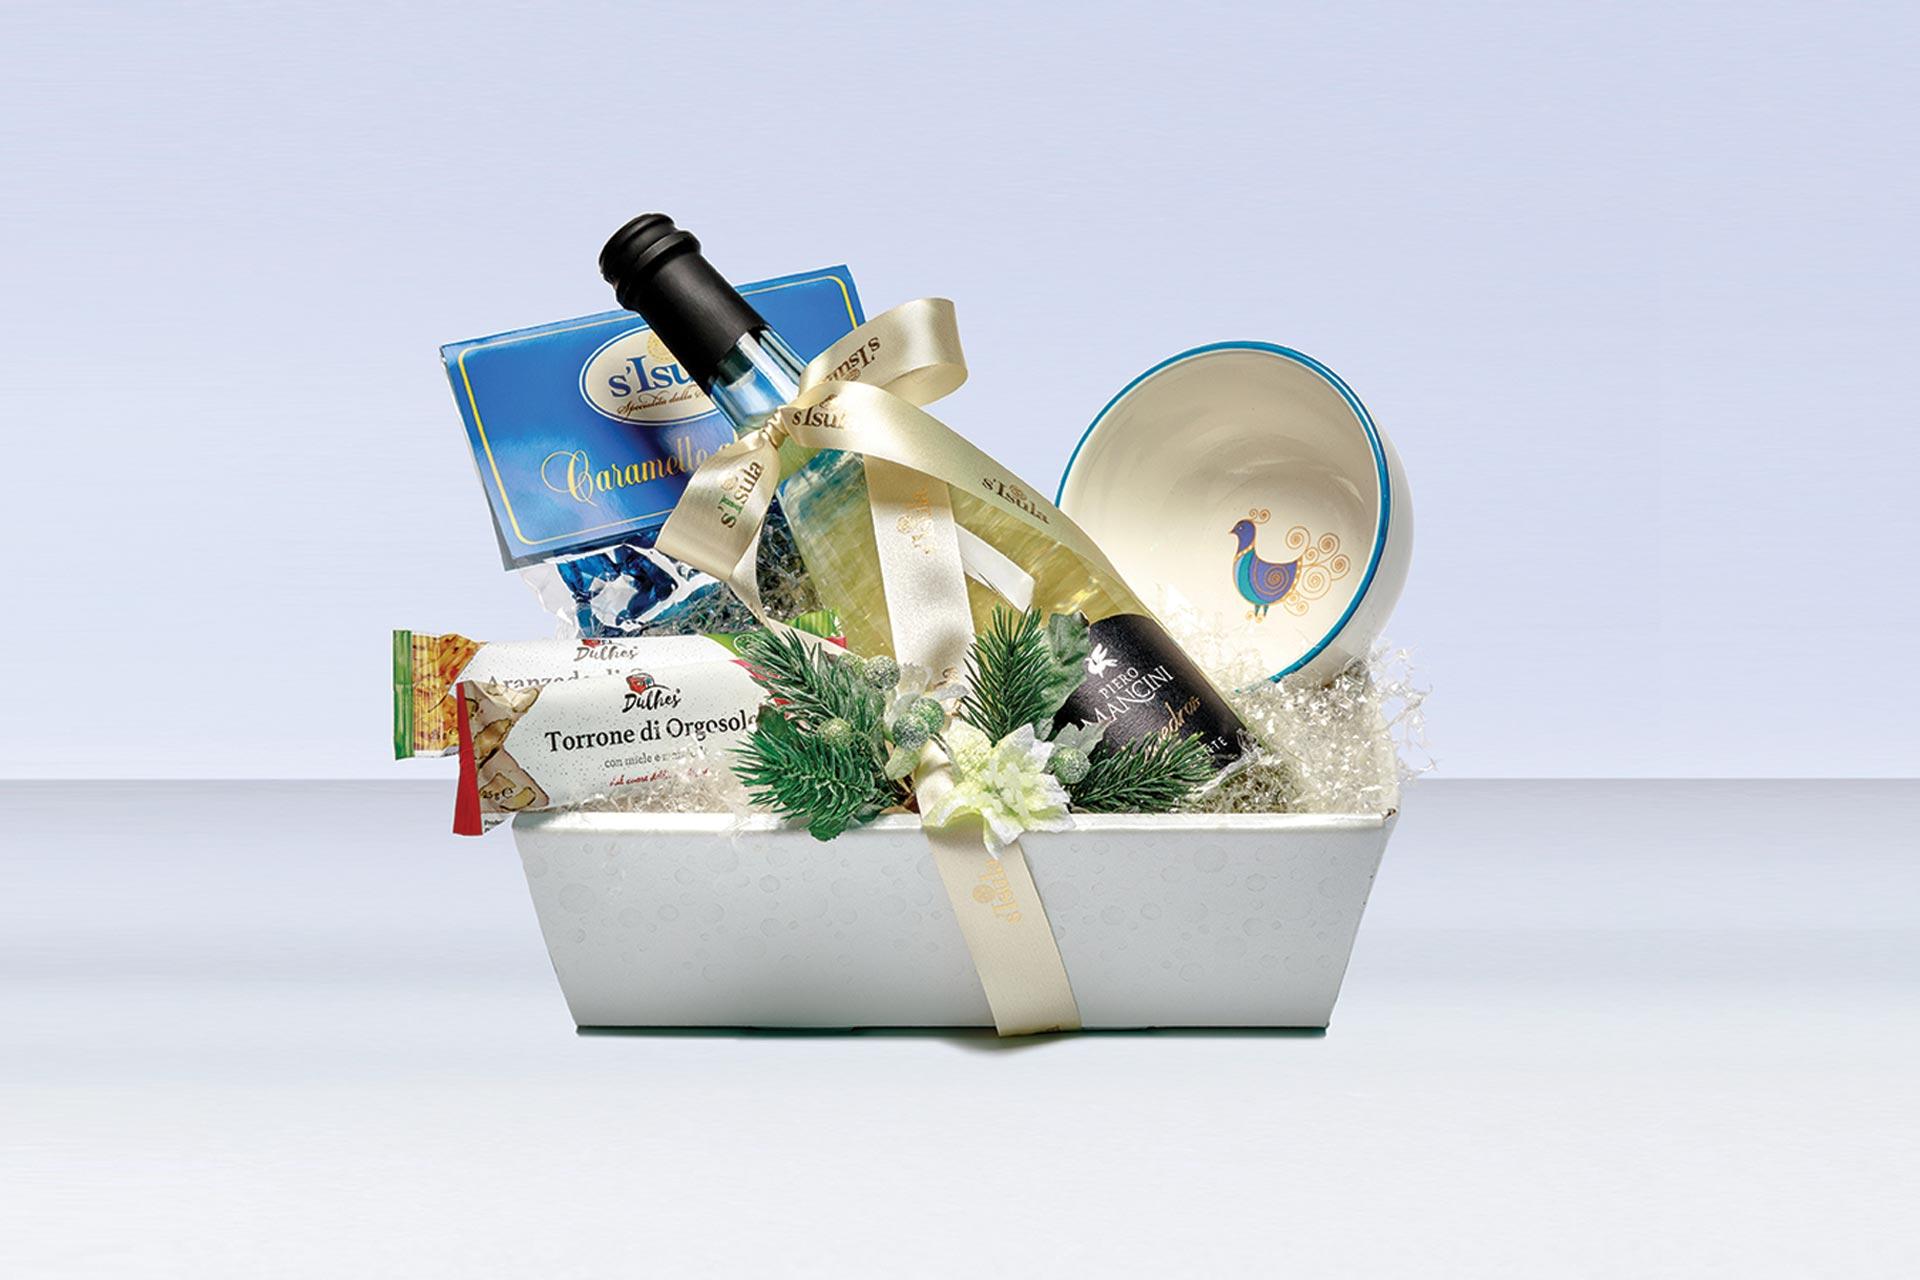 regali-natale-regalistica-spiaggial-relitto-sisula-specialita-sardegna-cagliari